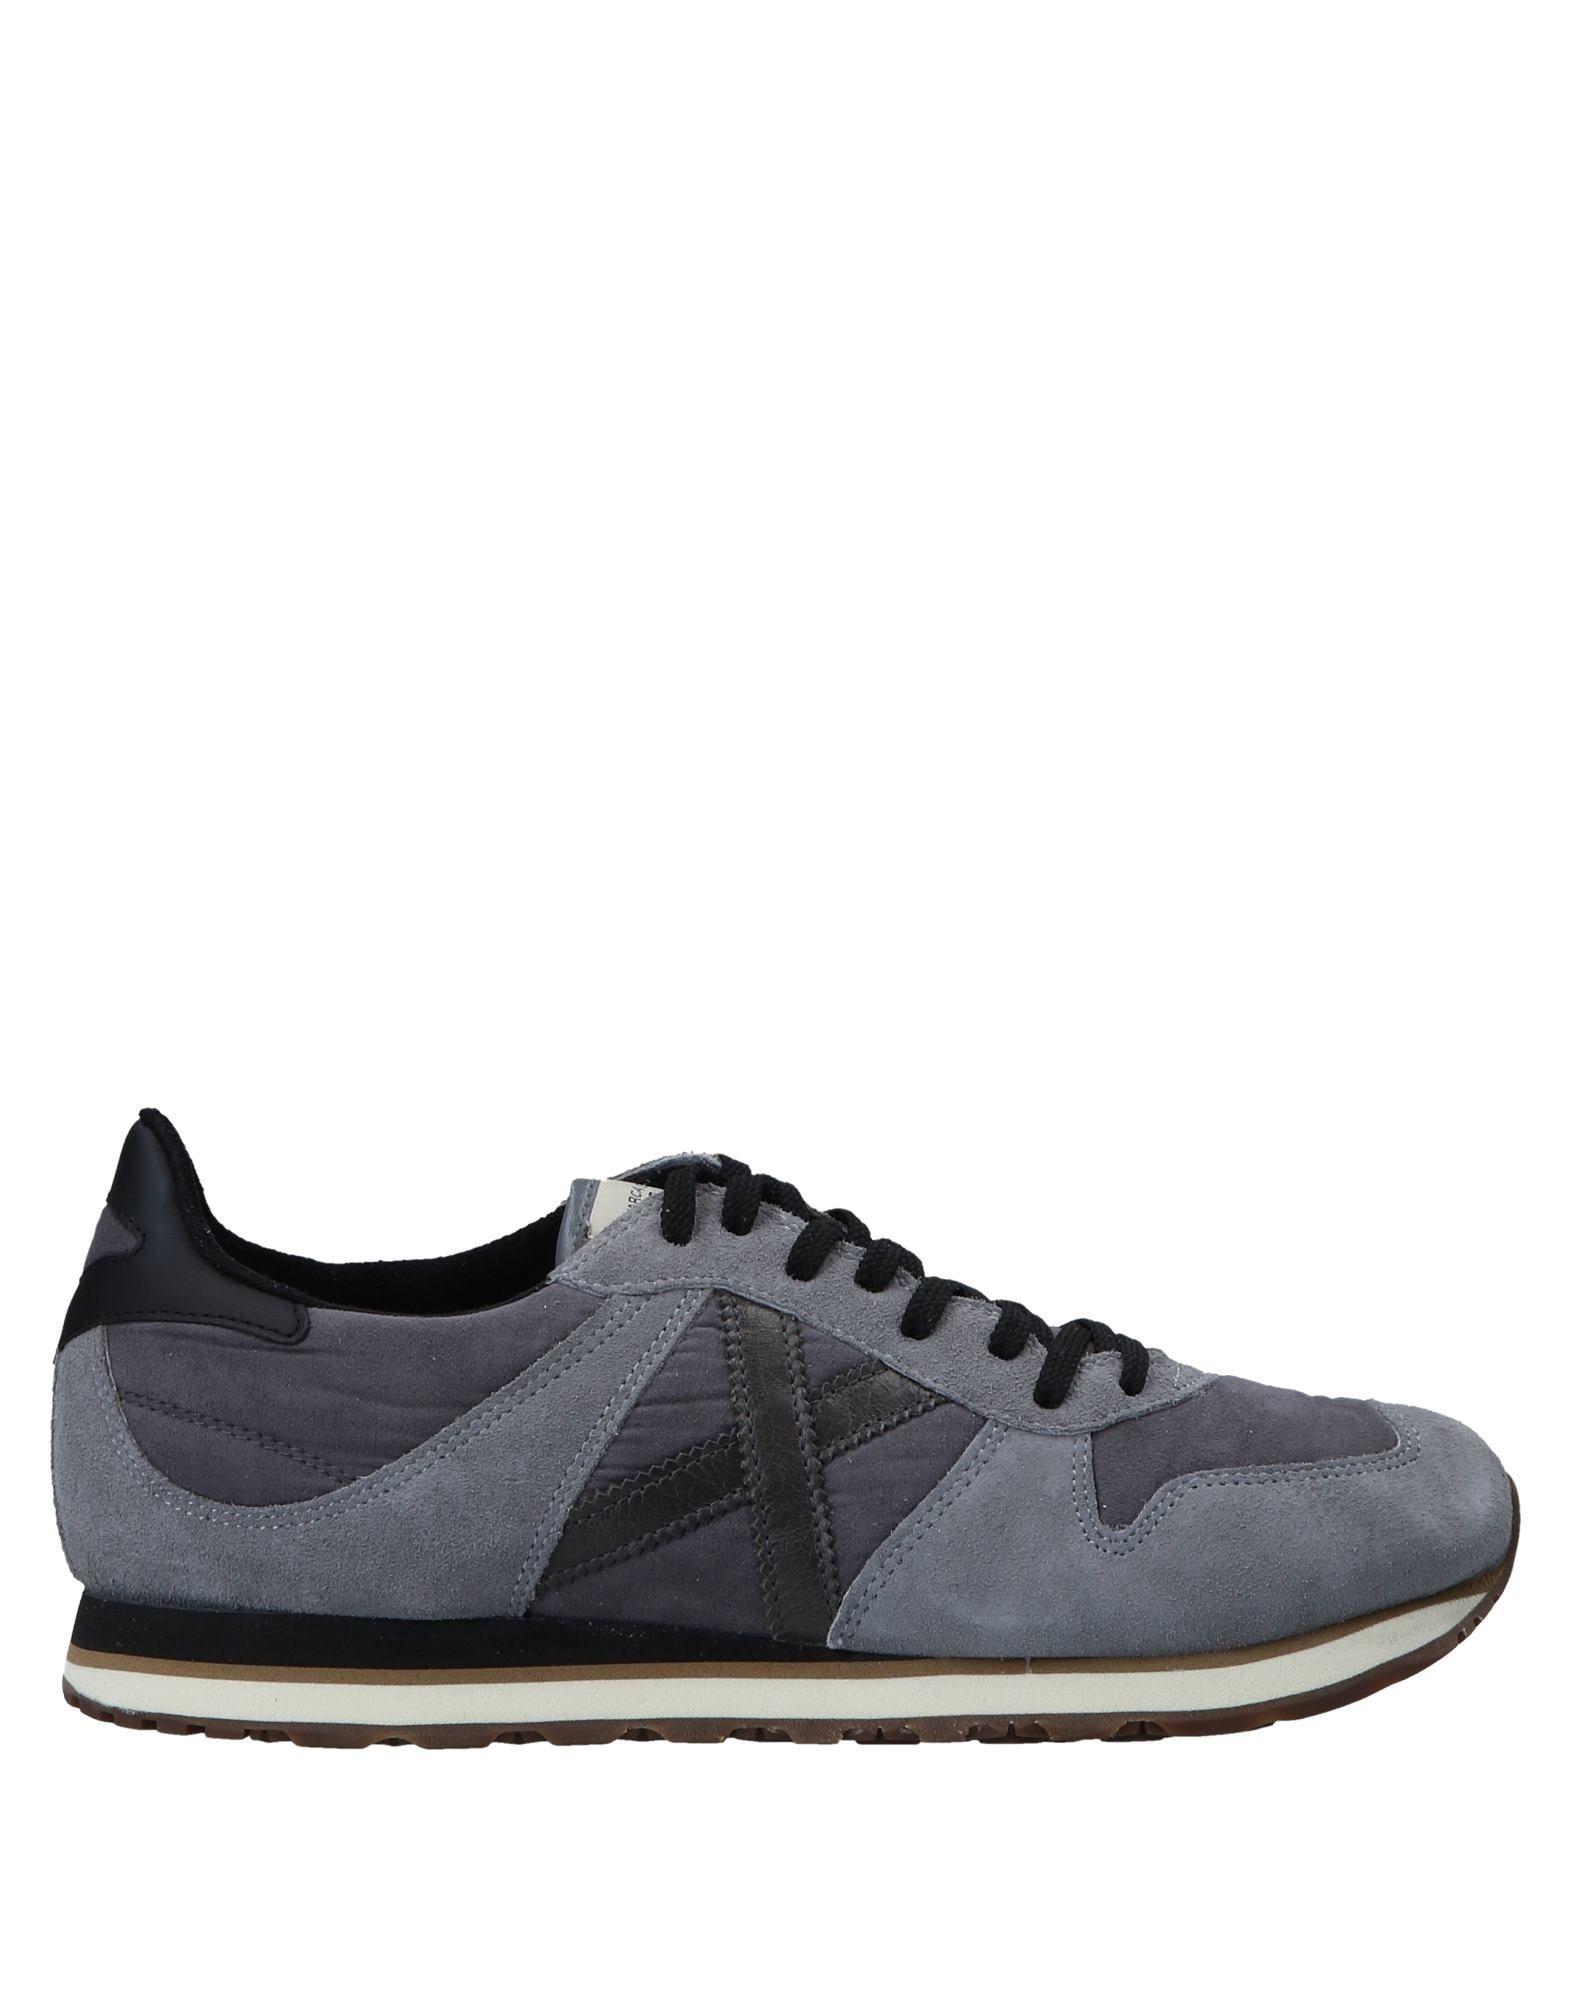 Rabatt echte  Schuhe Munich Sneakers Herren  echte 11553175UP 38e998